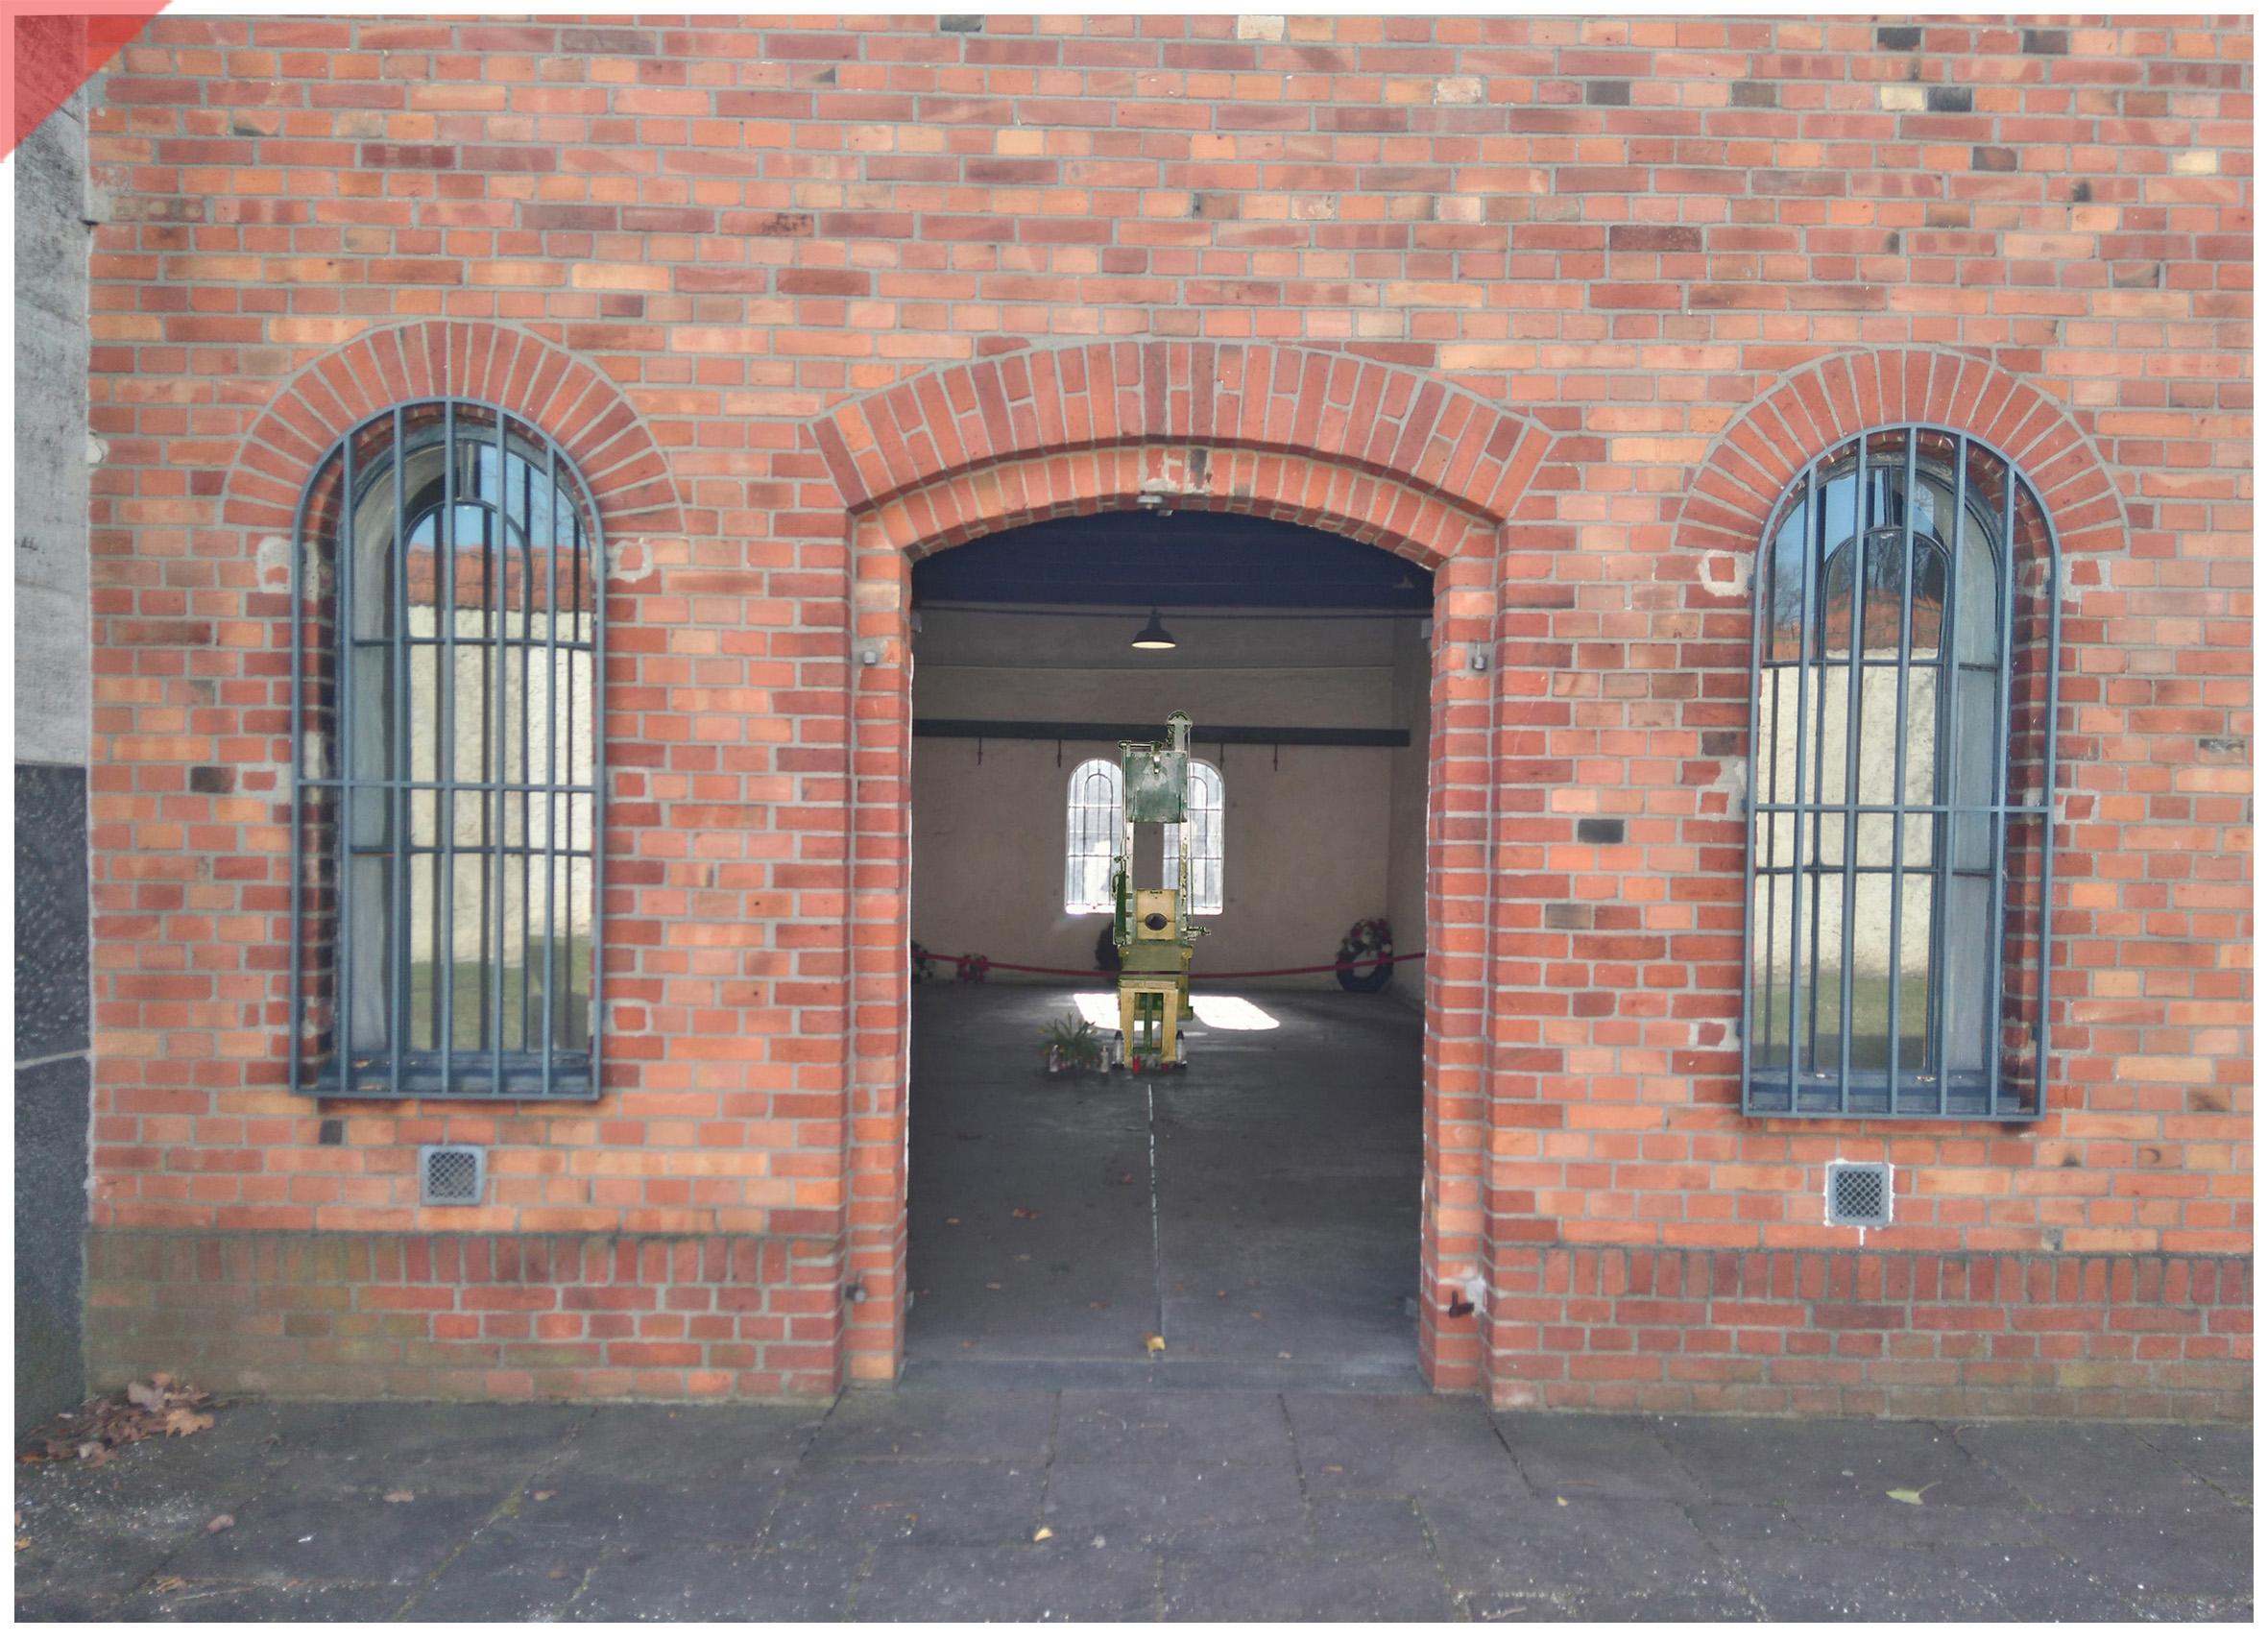 Plötzensee-Ploetzensee-Eingang-Tür-Prison-Gefängnis-Gedenkstätte-Fallbeil-T-Mannhardt-in-color-Brandenburg-Goerden-Görden-Guillotine-Roettger-20th-July-1944-Assassination-Stauffenberg-Plötzensee-entrance-door